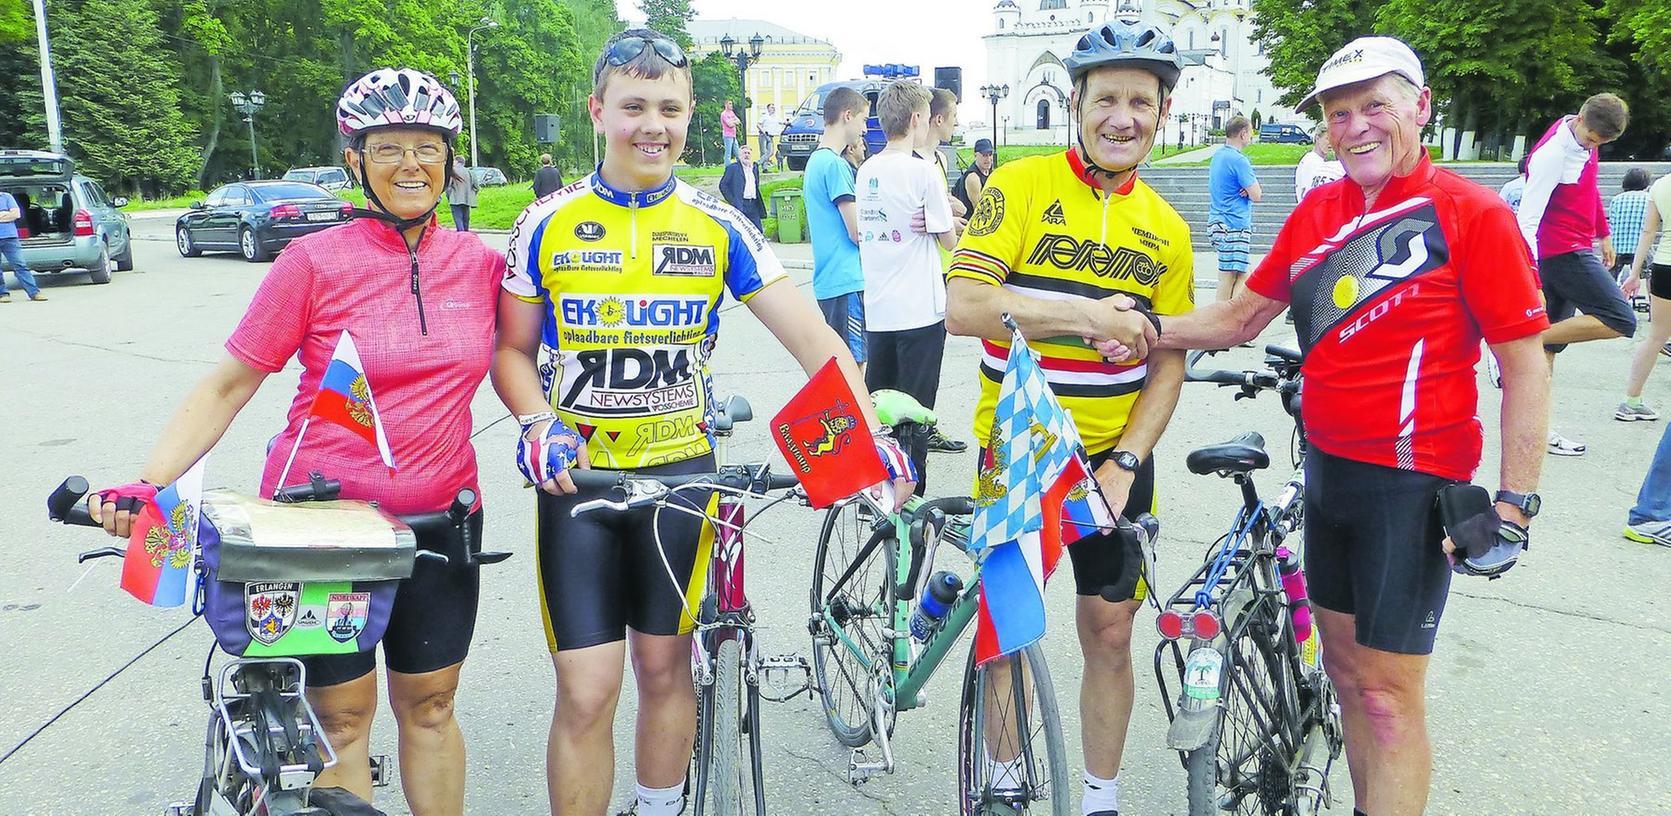 Die Russland-Radler Doris (l.) und Klaus Höhle (r.) haben auch in Erlangens Partnerstadt Wladimir ihre Fans und Bewunderer gefunden.